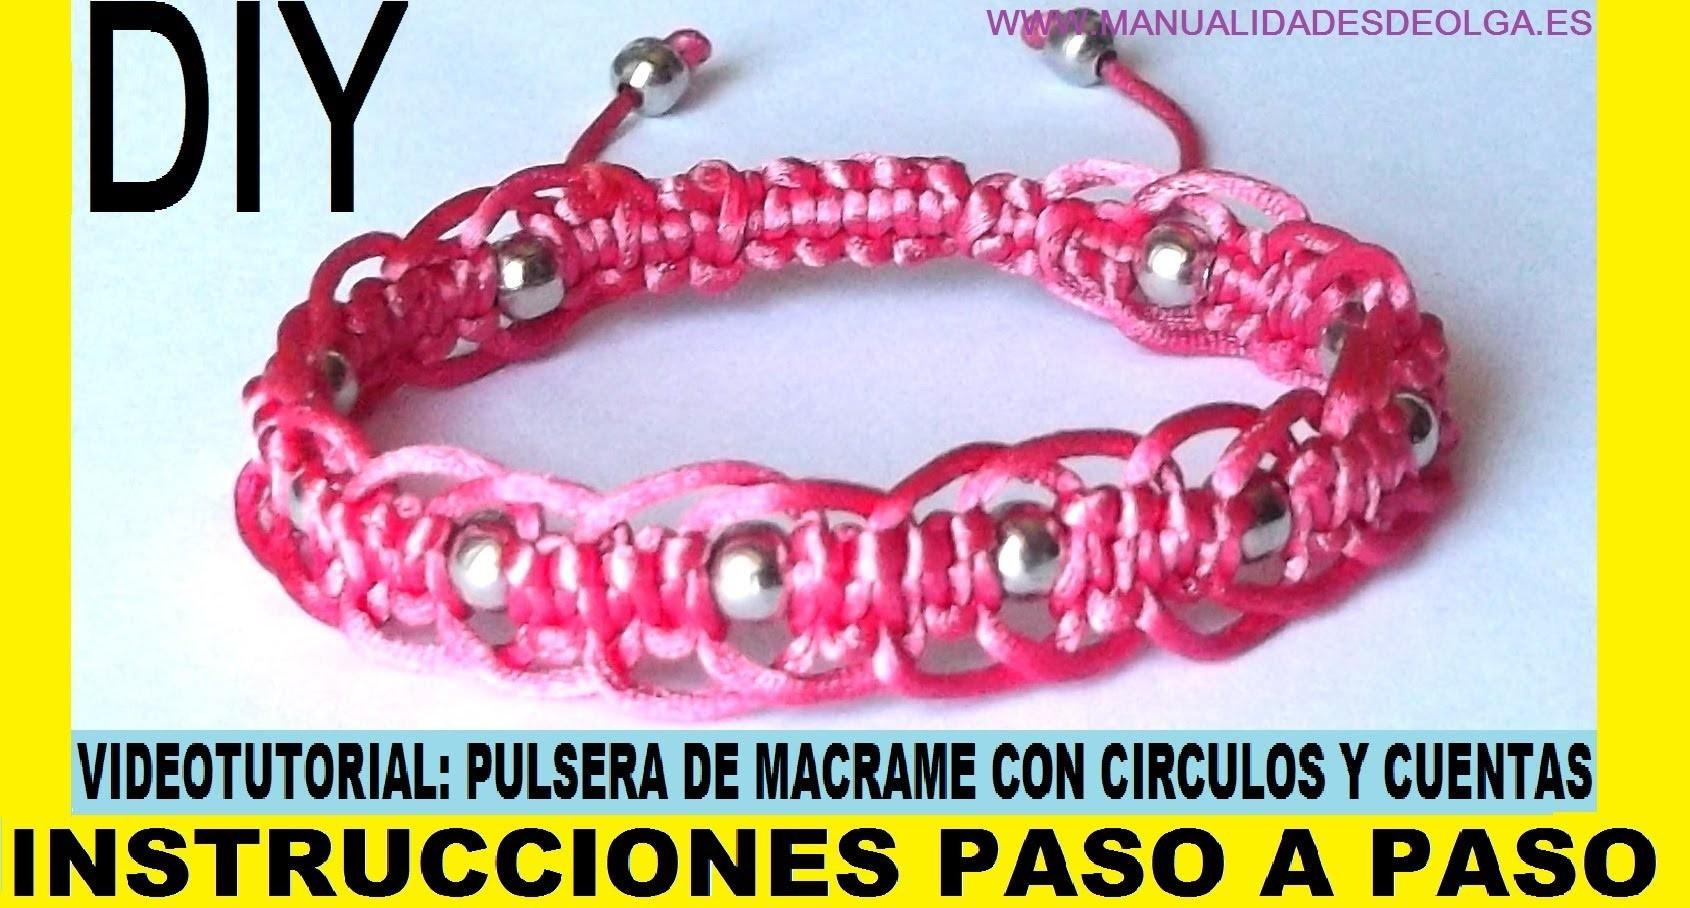 COMO HACER PULSERA DE MACRAME DE CIRCULOS CON CUENTAS PLATEADAS CON NUDO AJUSTABLE TUTORIAL DIY